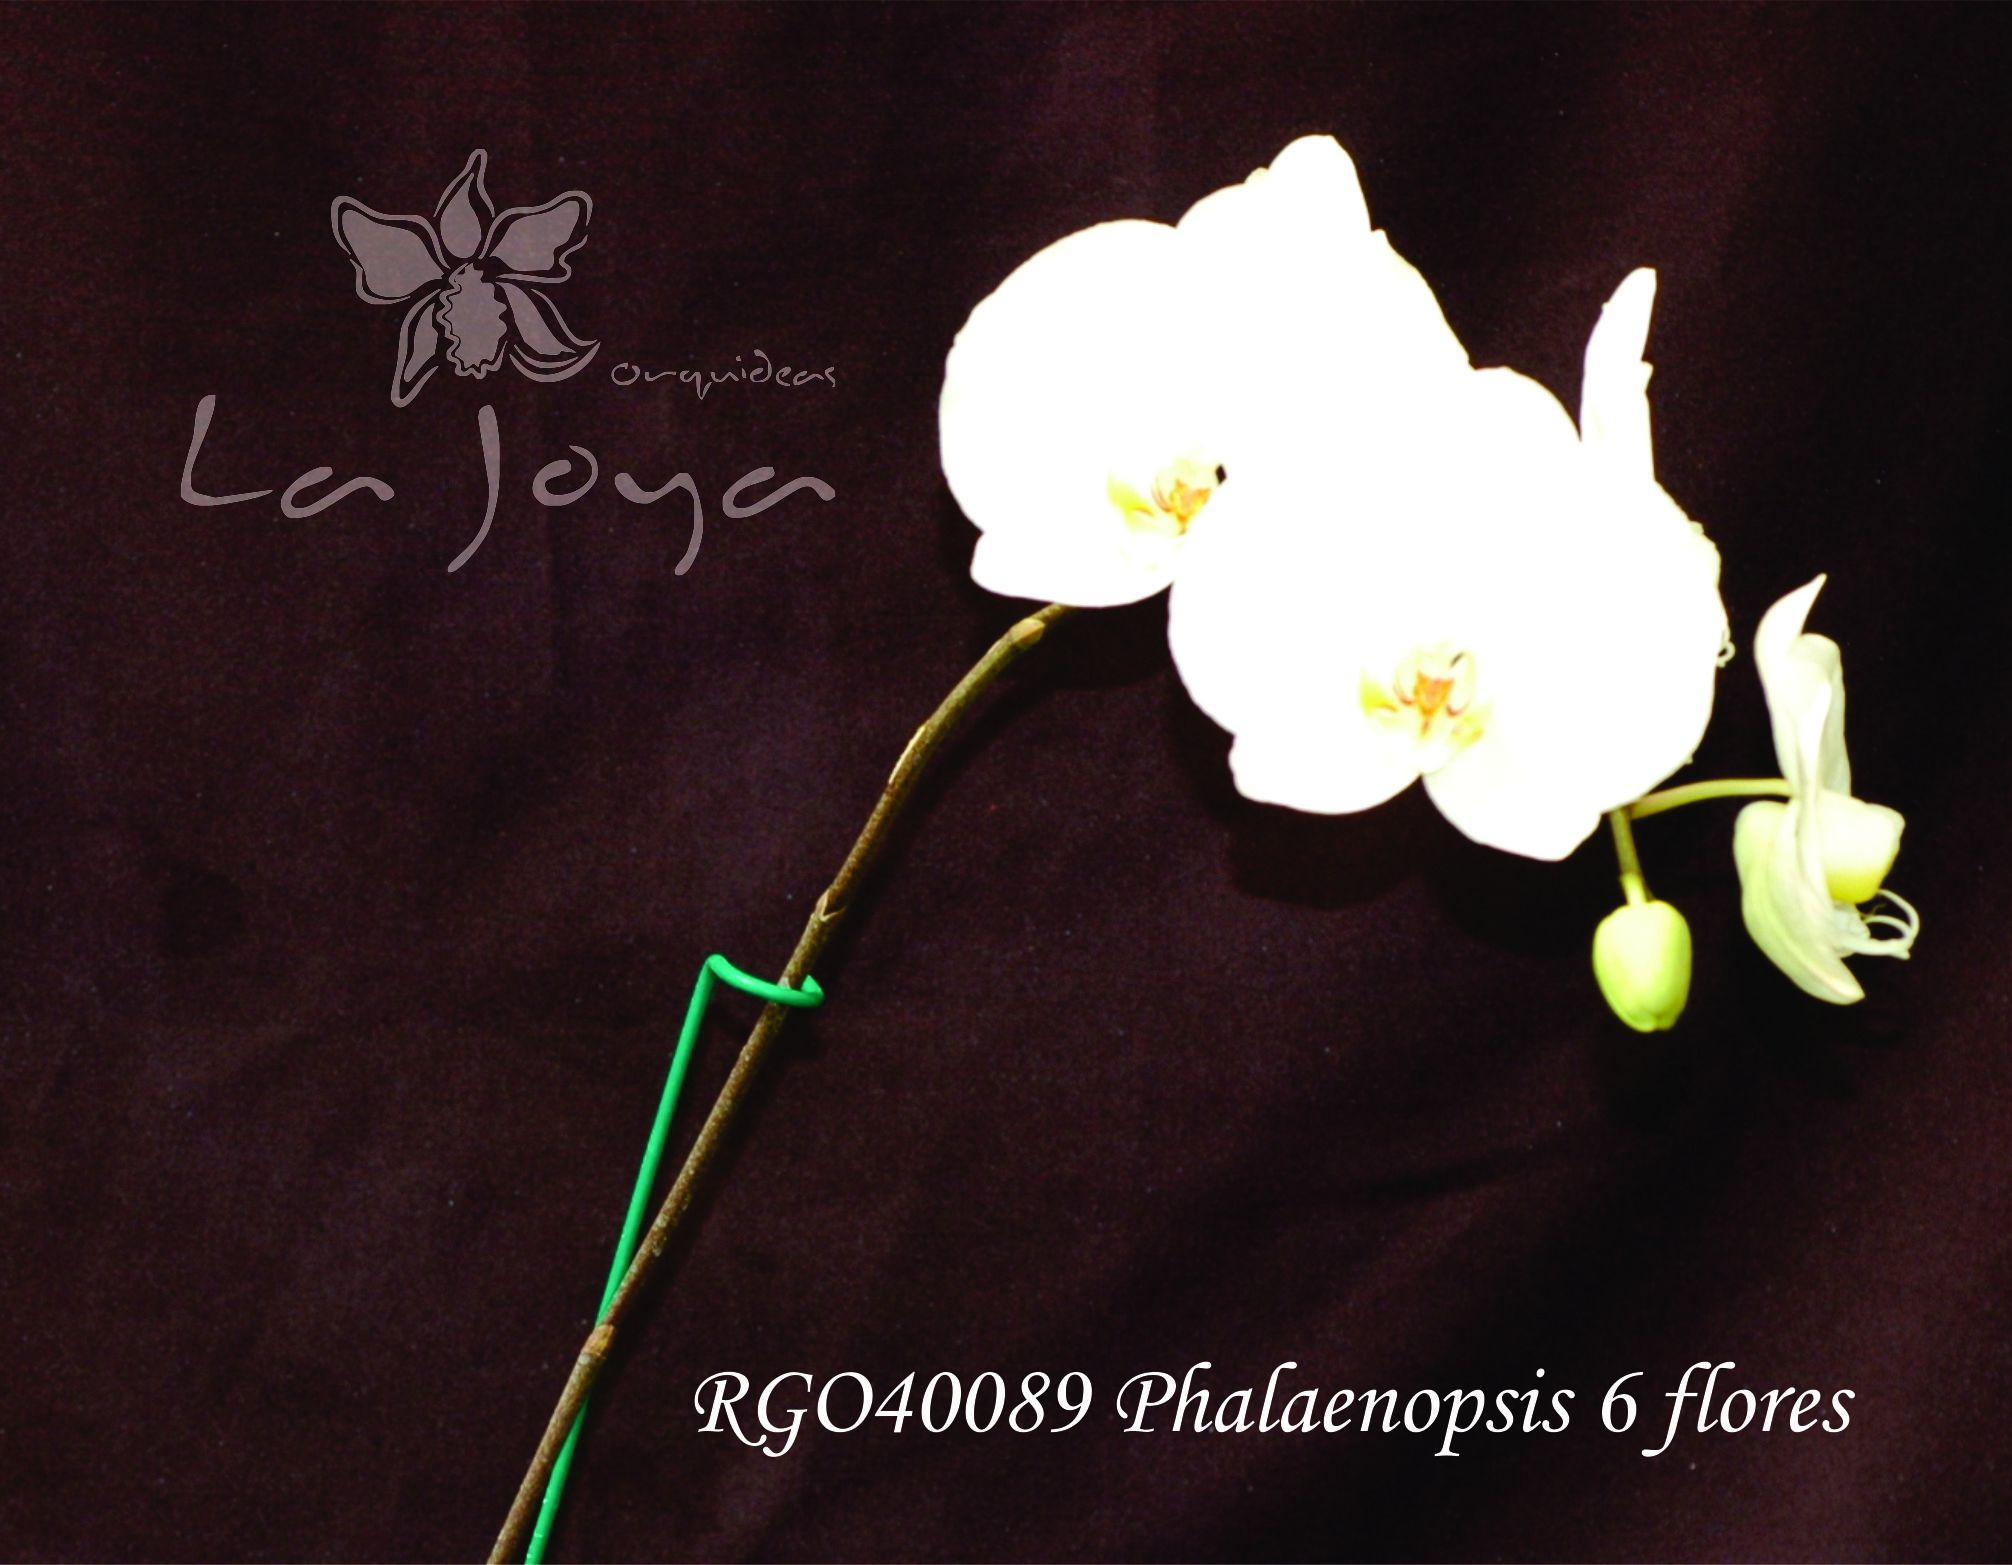 Phal RG040089 con 6 flores